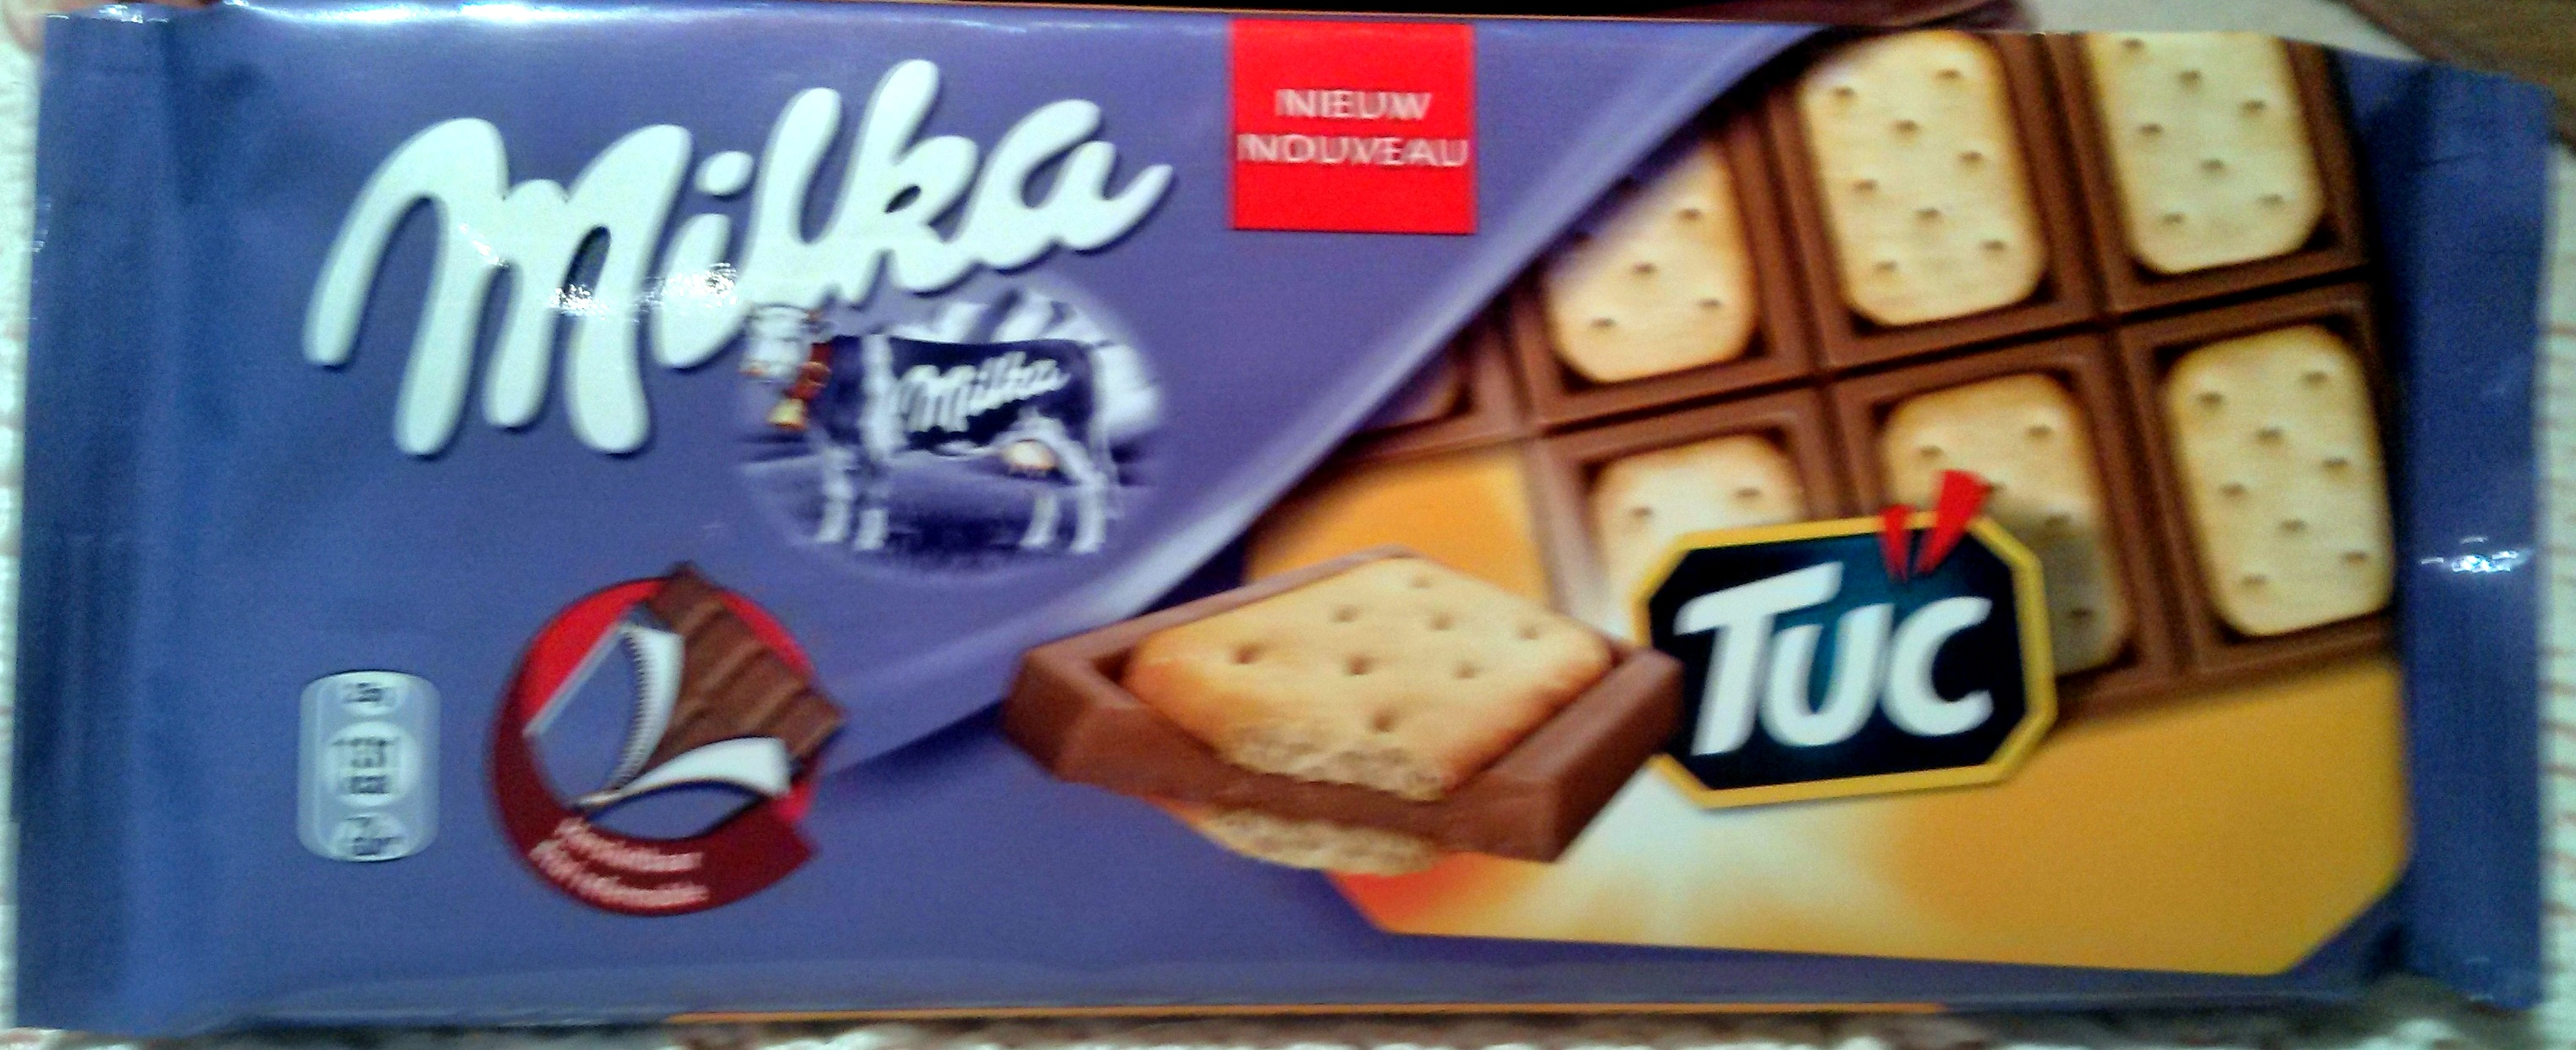 milka avec tuc - Produit